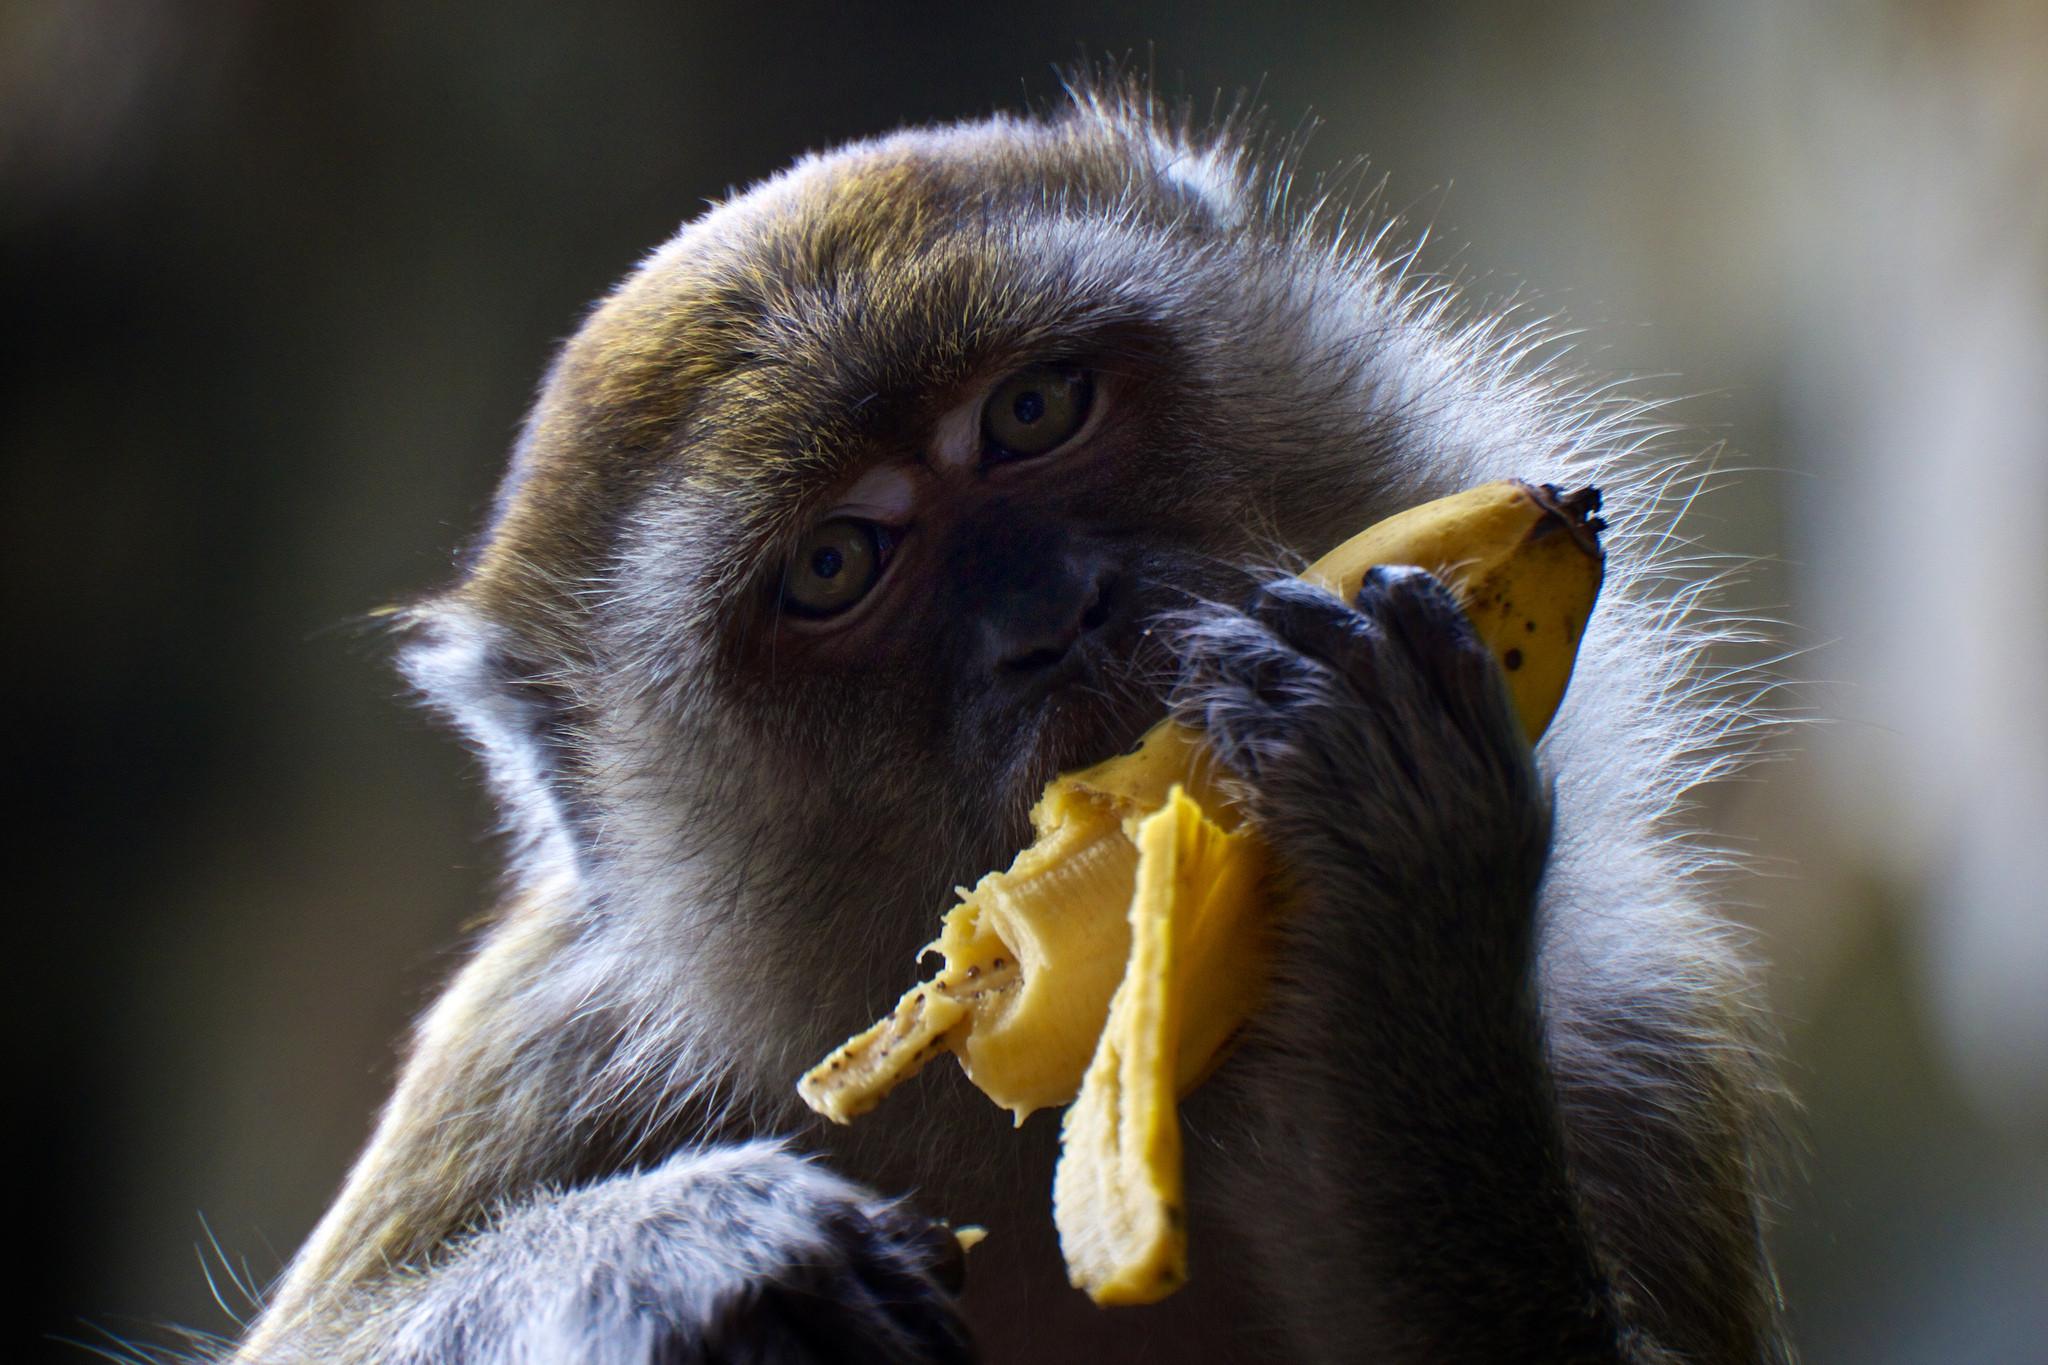 большом обезьяна с бананами в картинках тем